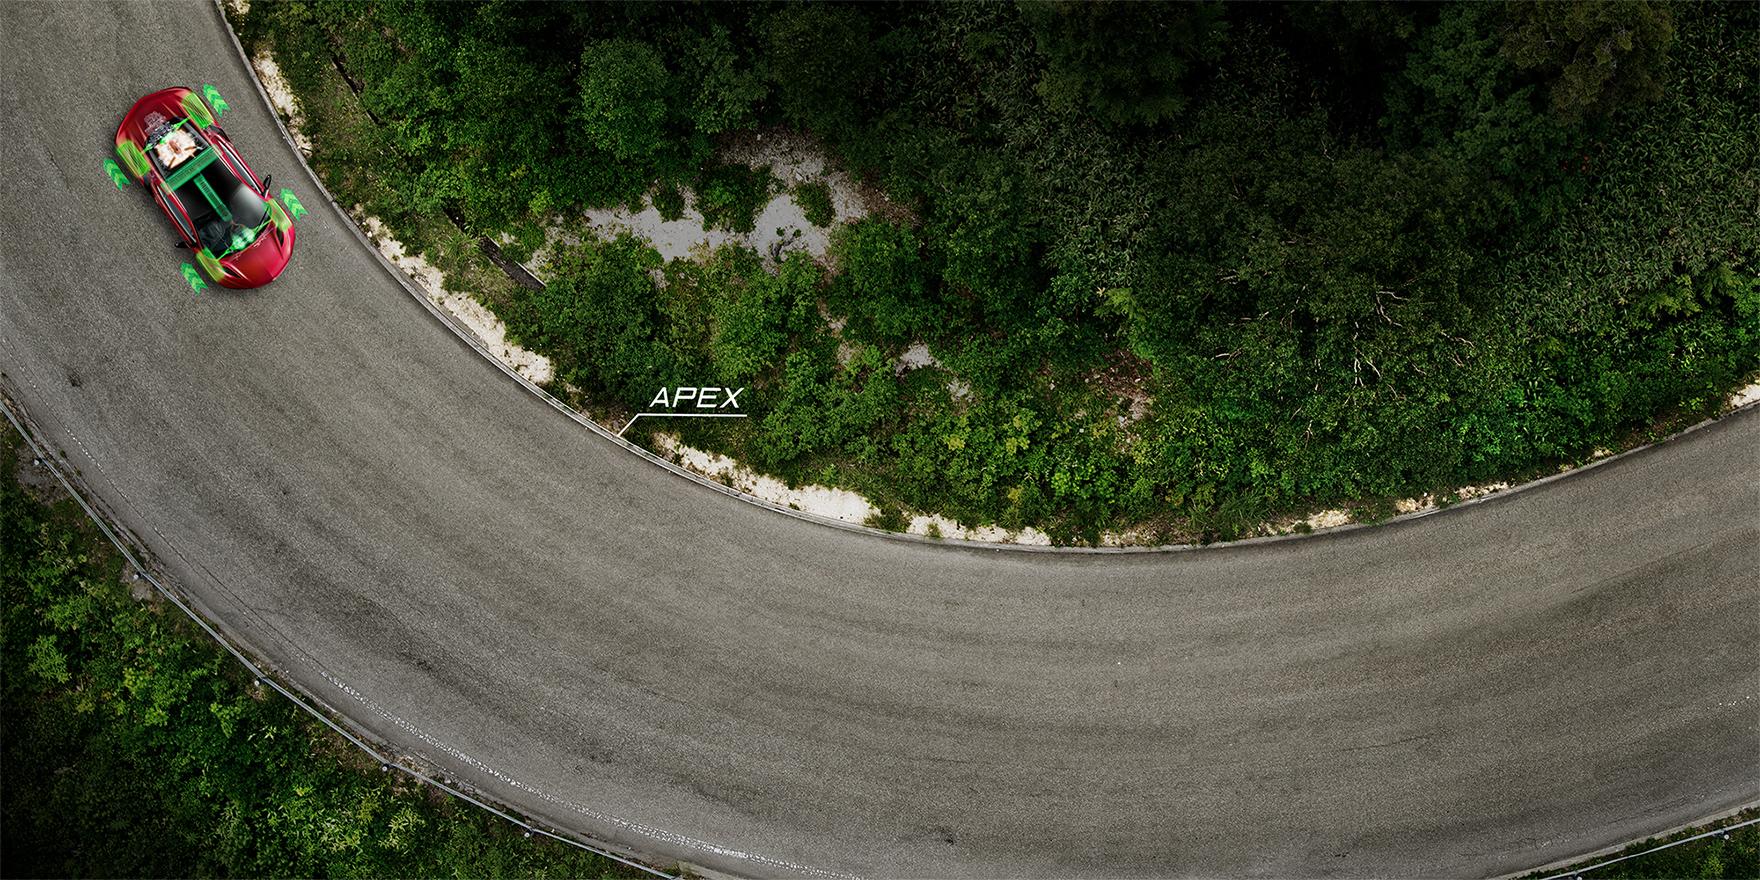 ★新型NSXが鈴鹿の高速コーナーで170km/hオーバーから全損?@チャンゲ国沢569★ [無断転載禁止]©2ch.netYouTube動画>7本 ->画像>52枚